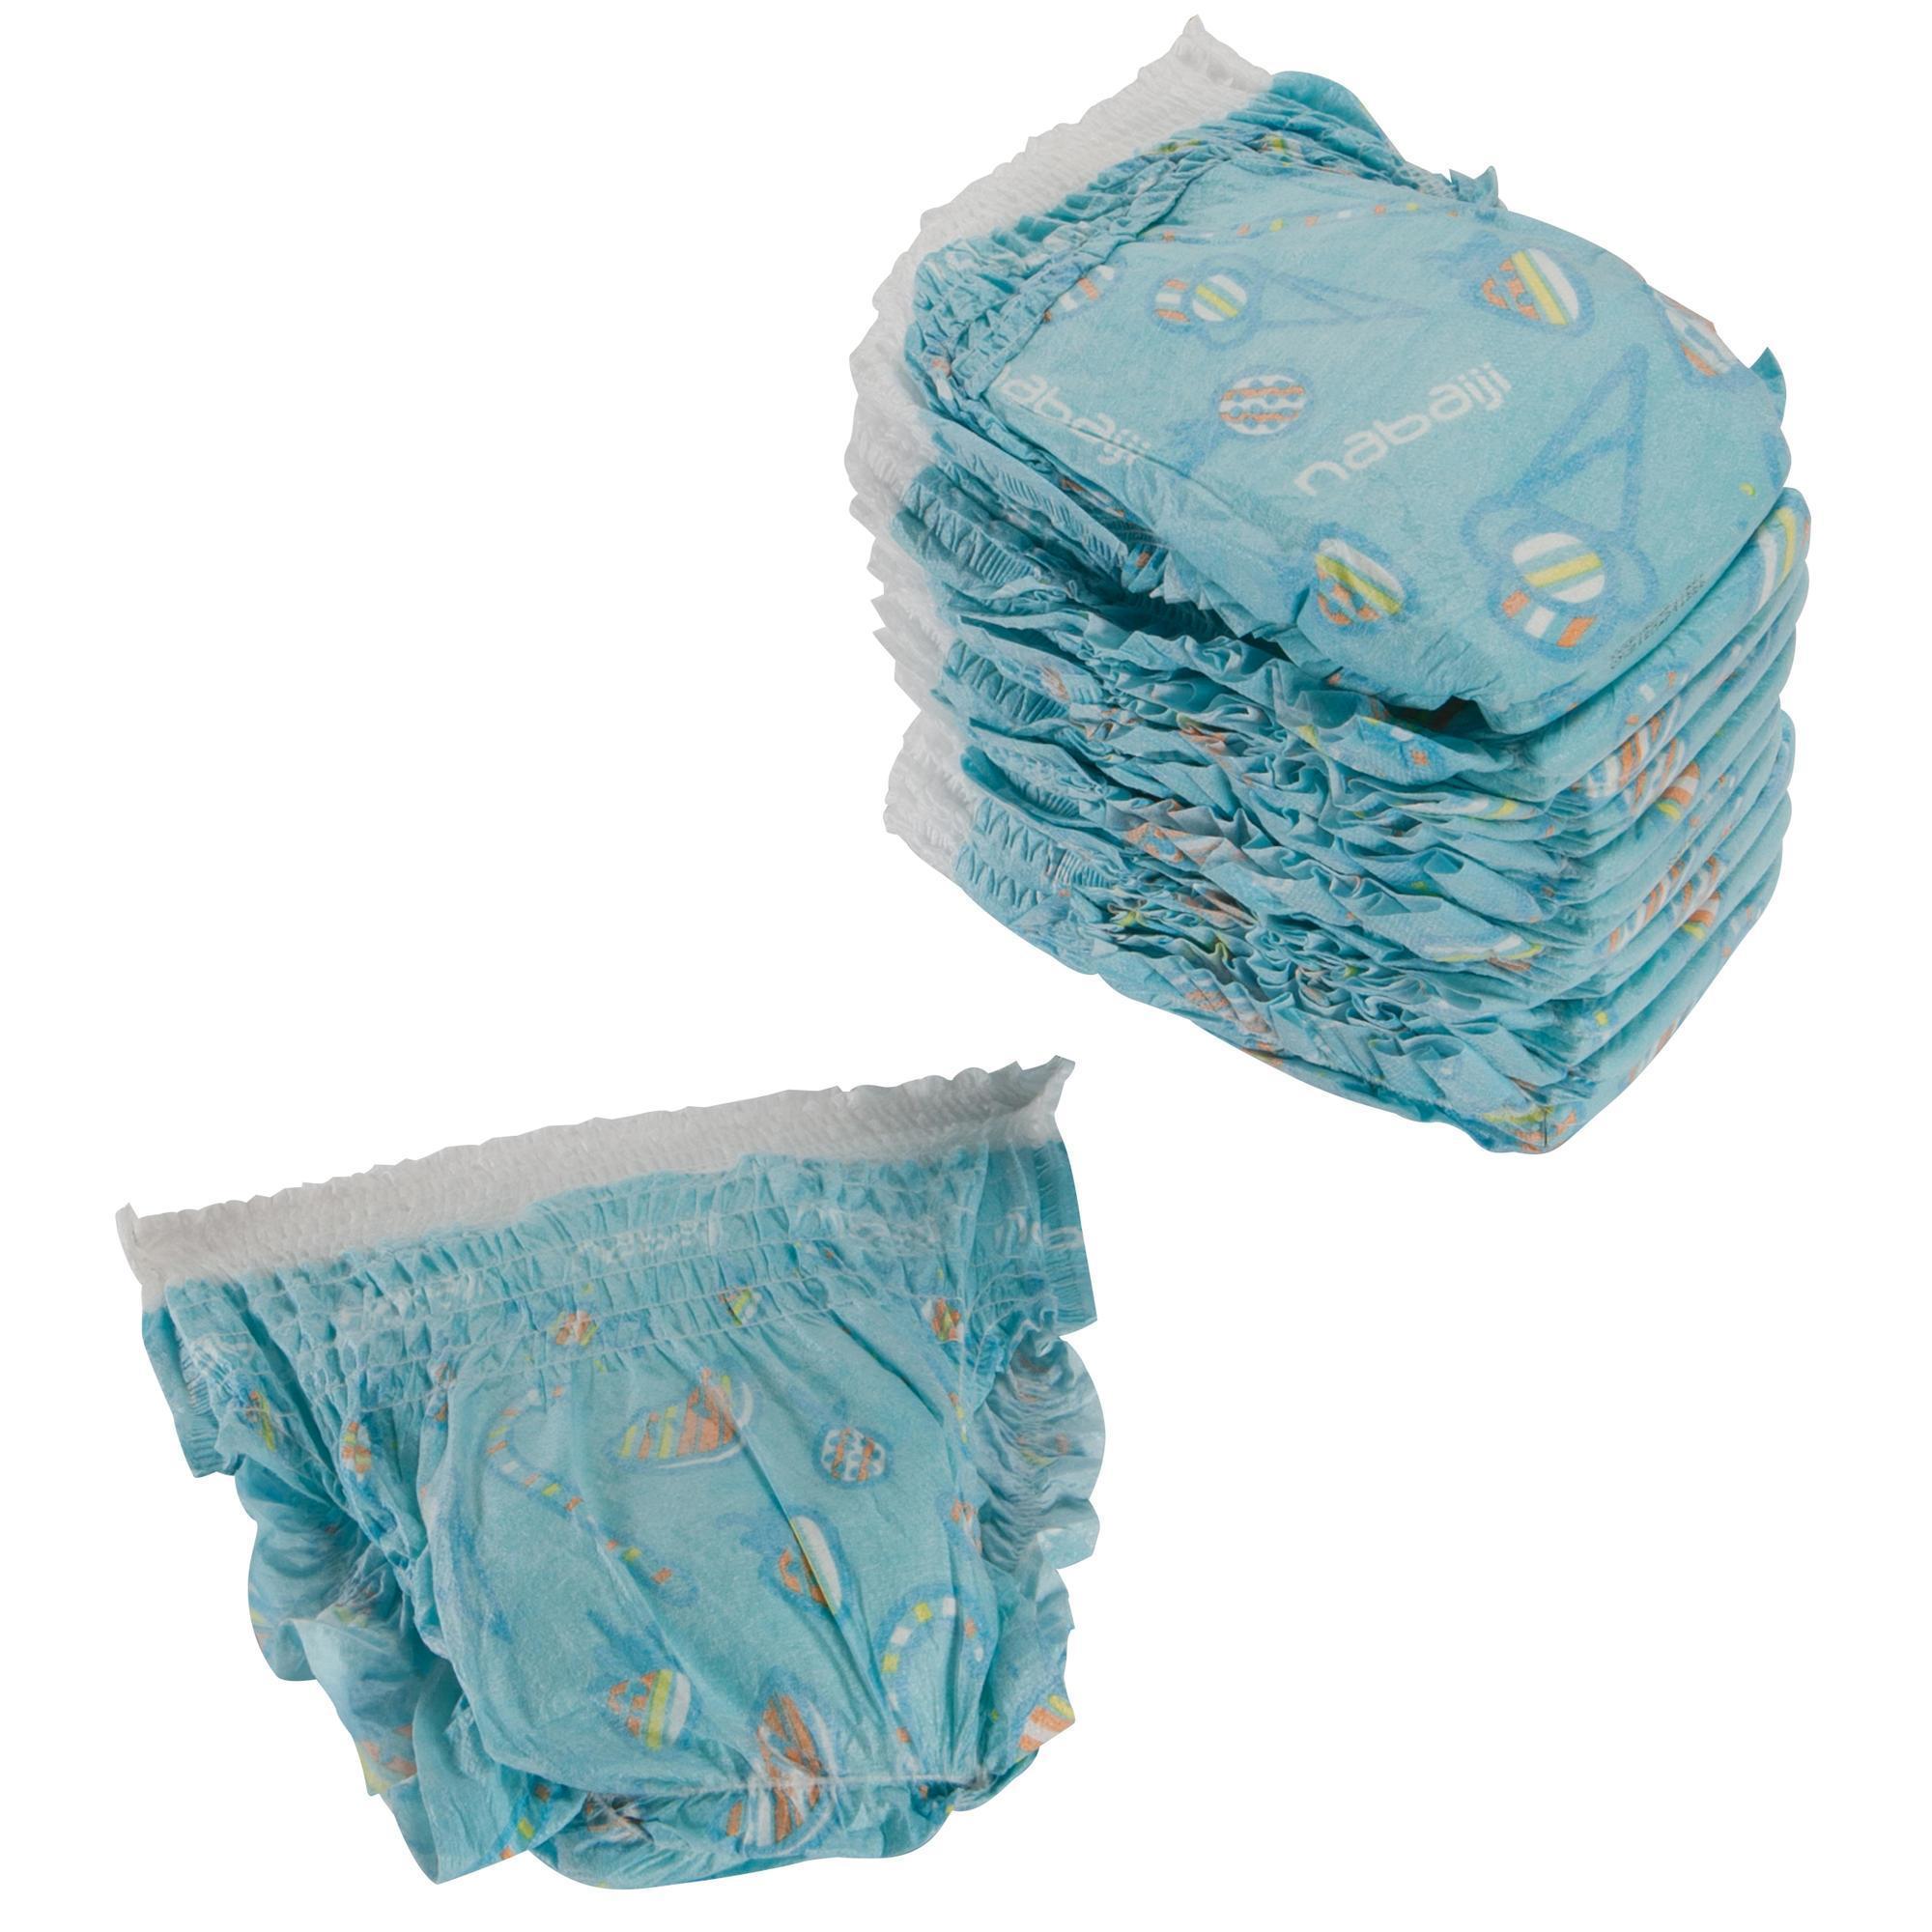 Wegwerpluiers voor wateractiviteiten voor baby's van 6-12 kg.